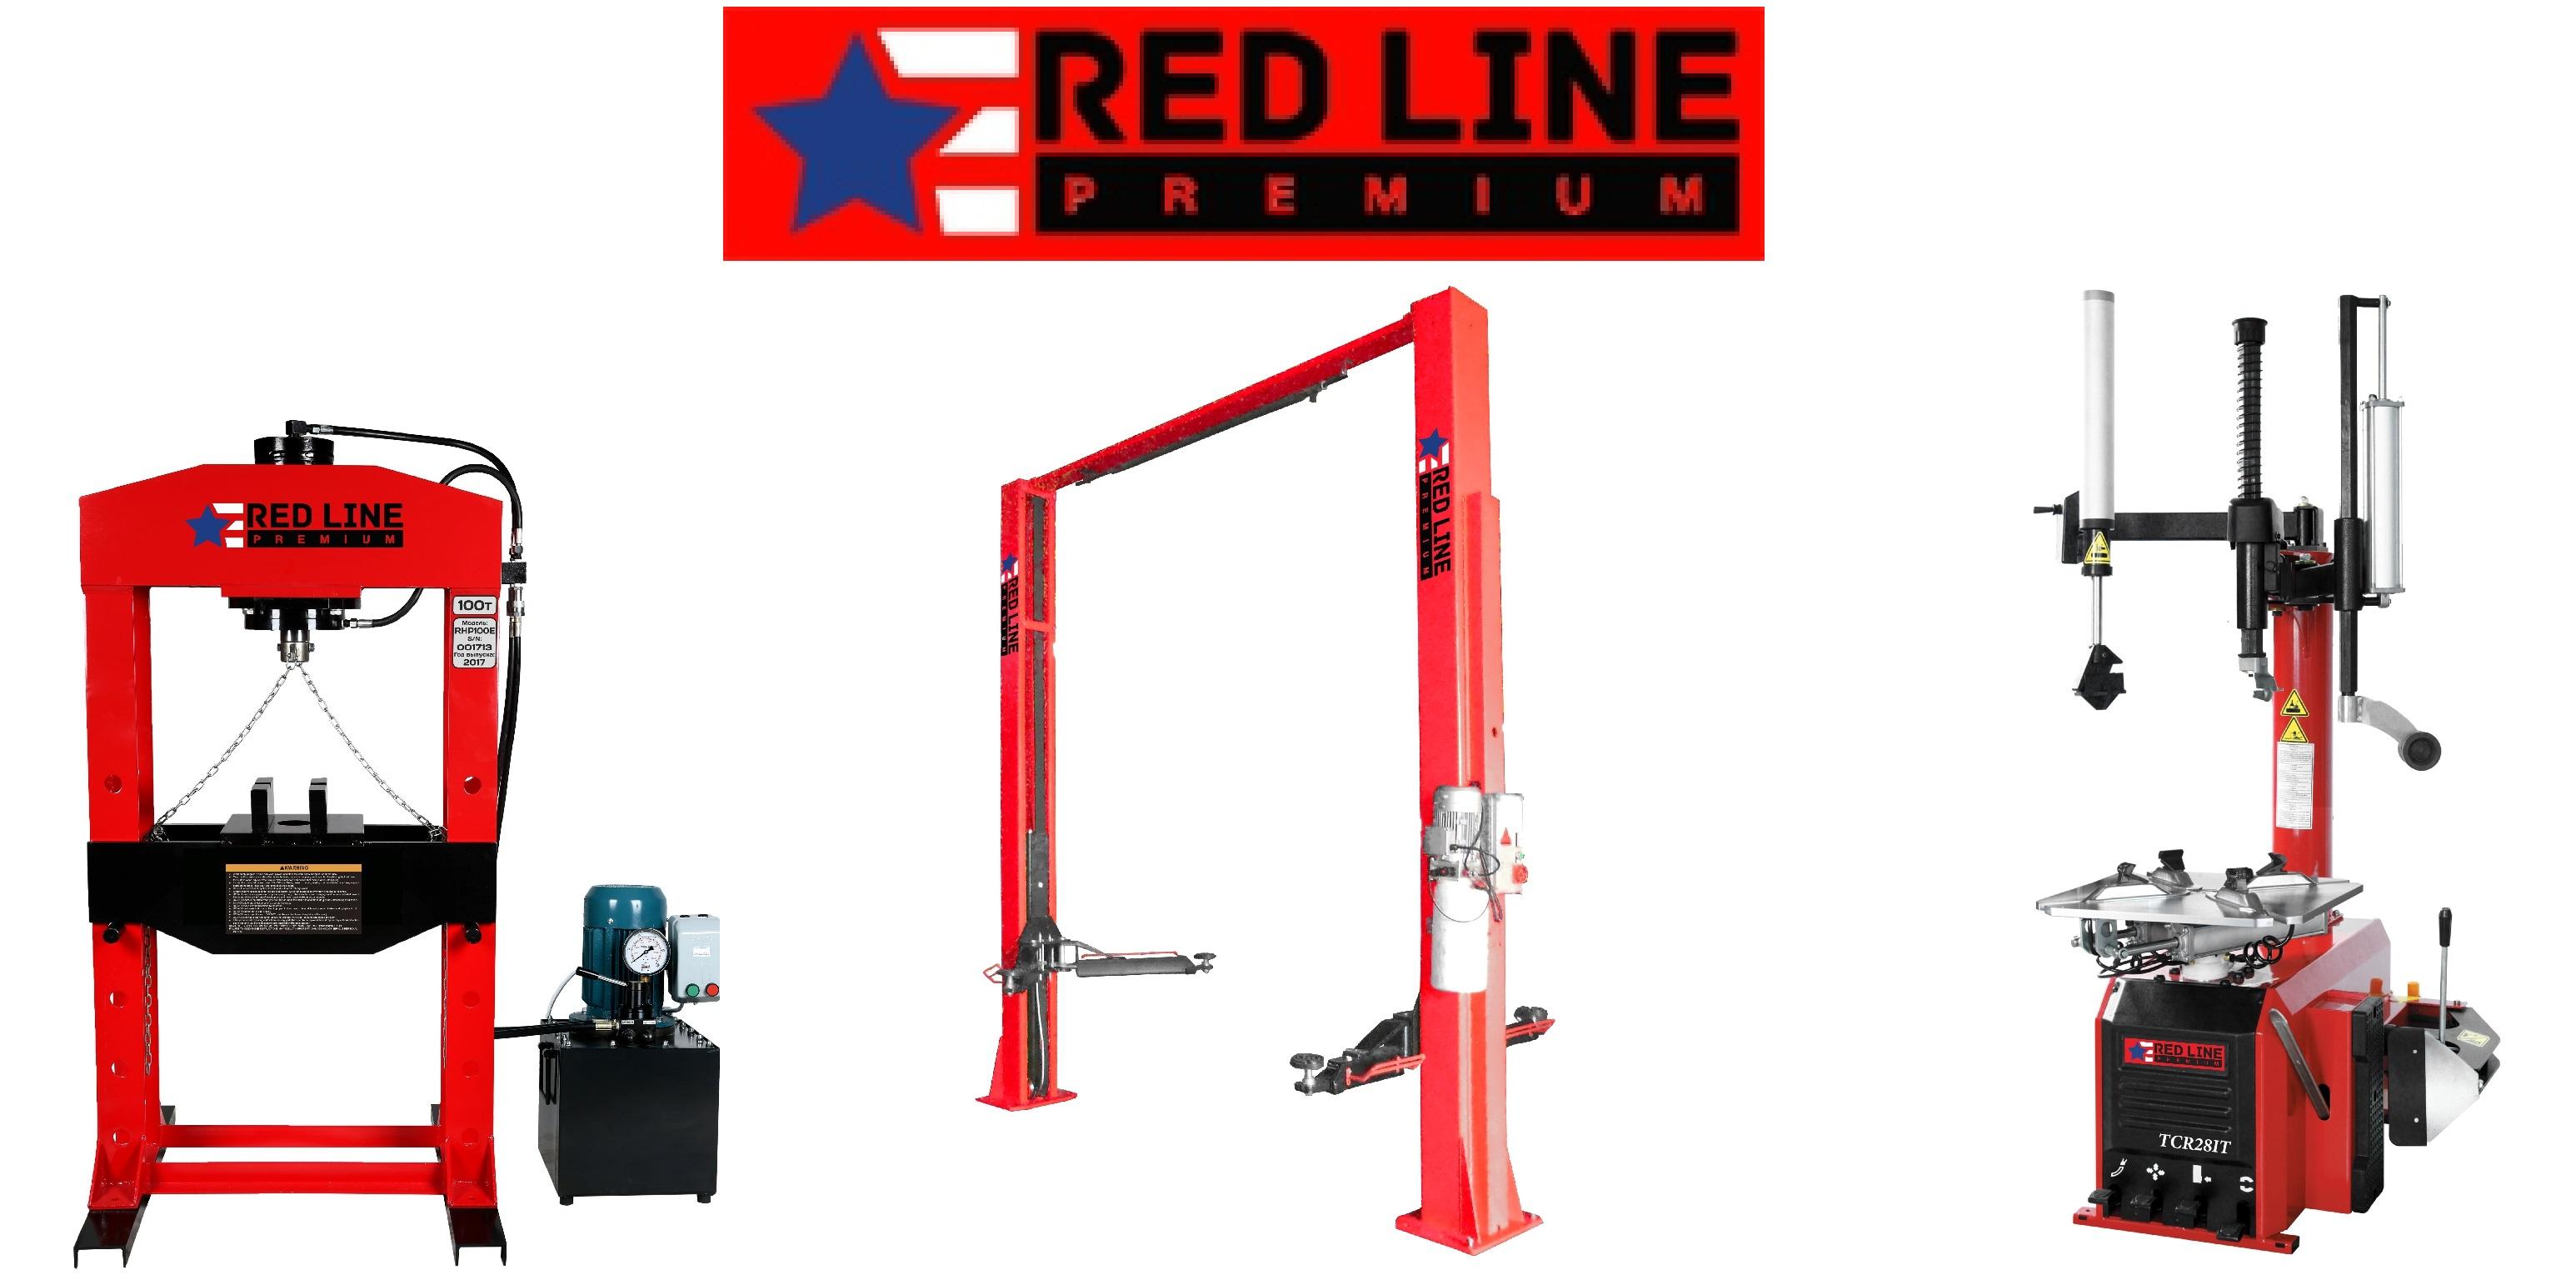 oborudovanie-dlya-avtoservisa-red-line-premium